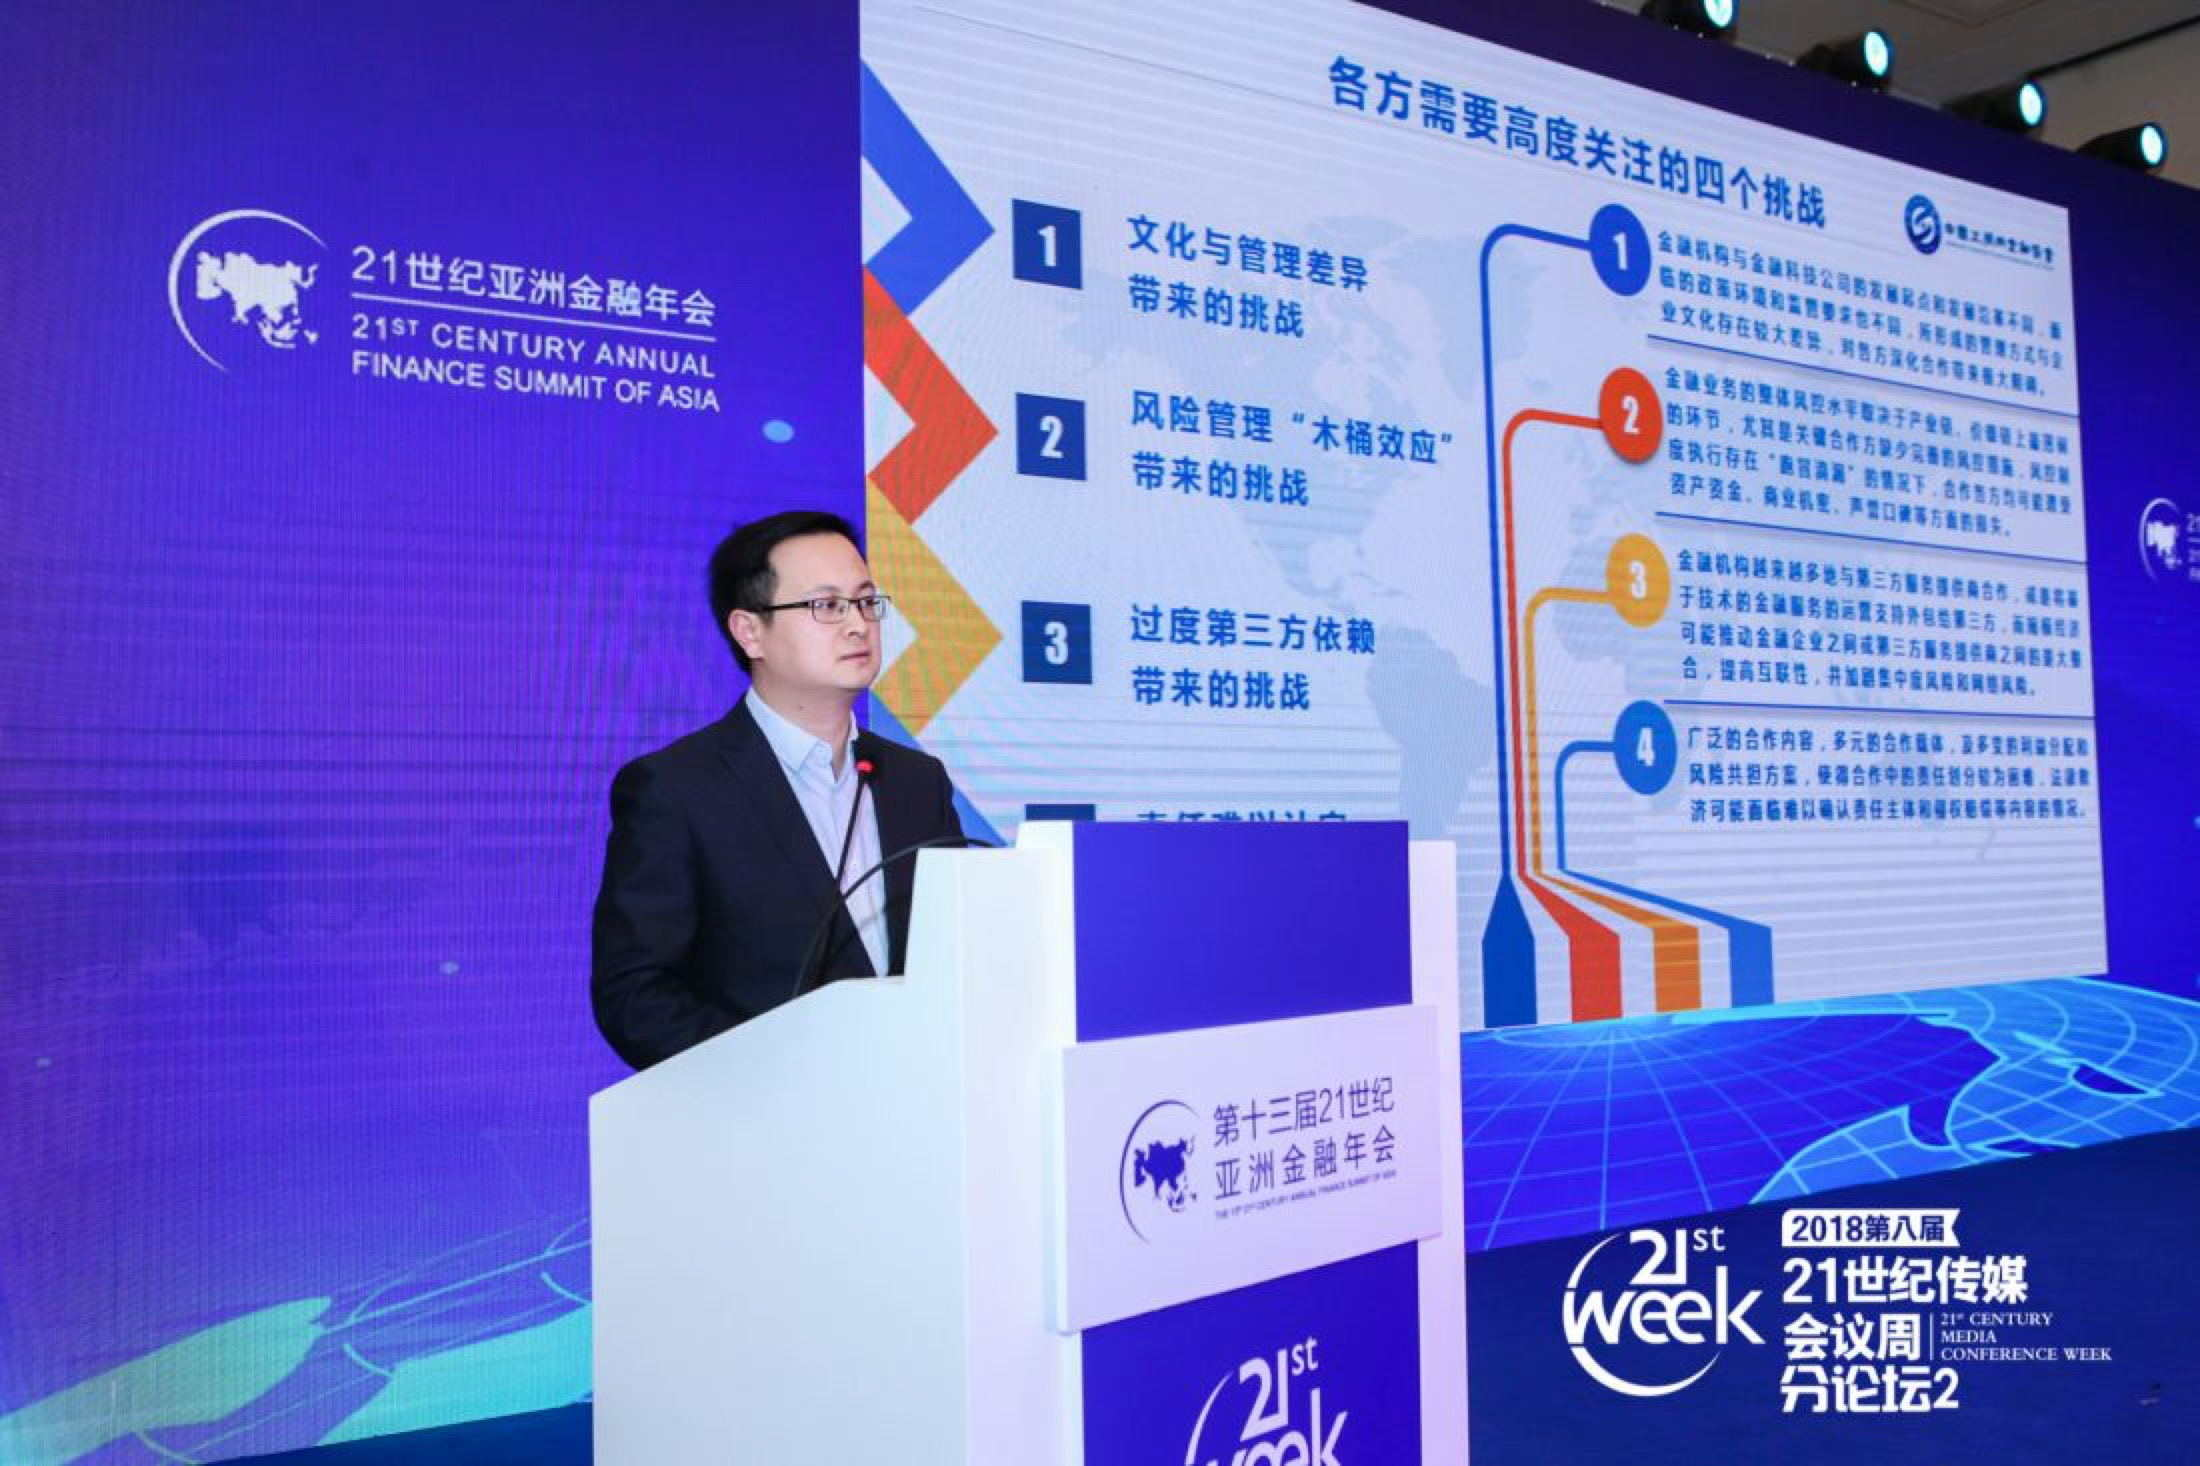 中国互联网金融协会肖翔:金融科技开放合作需关注风险管理